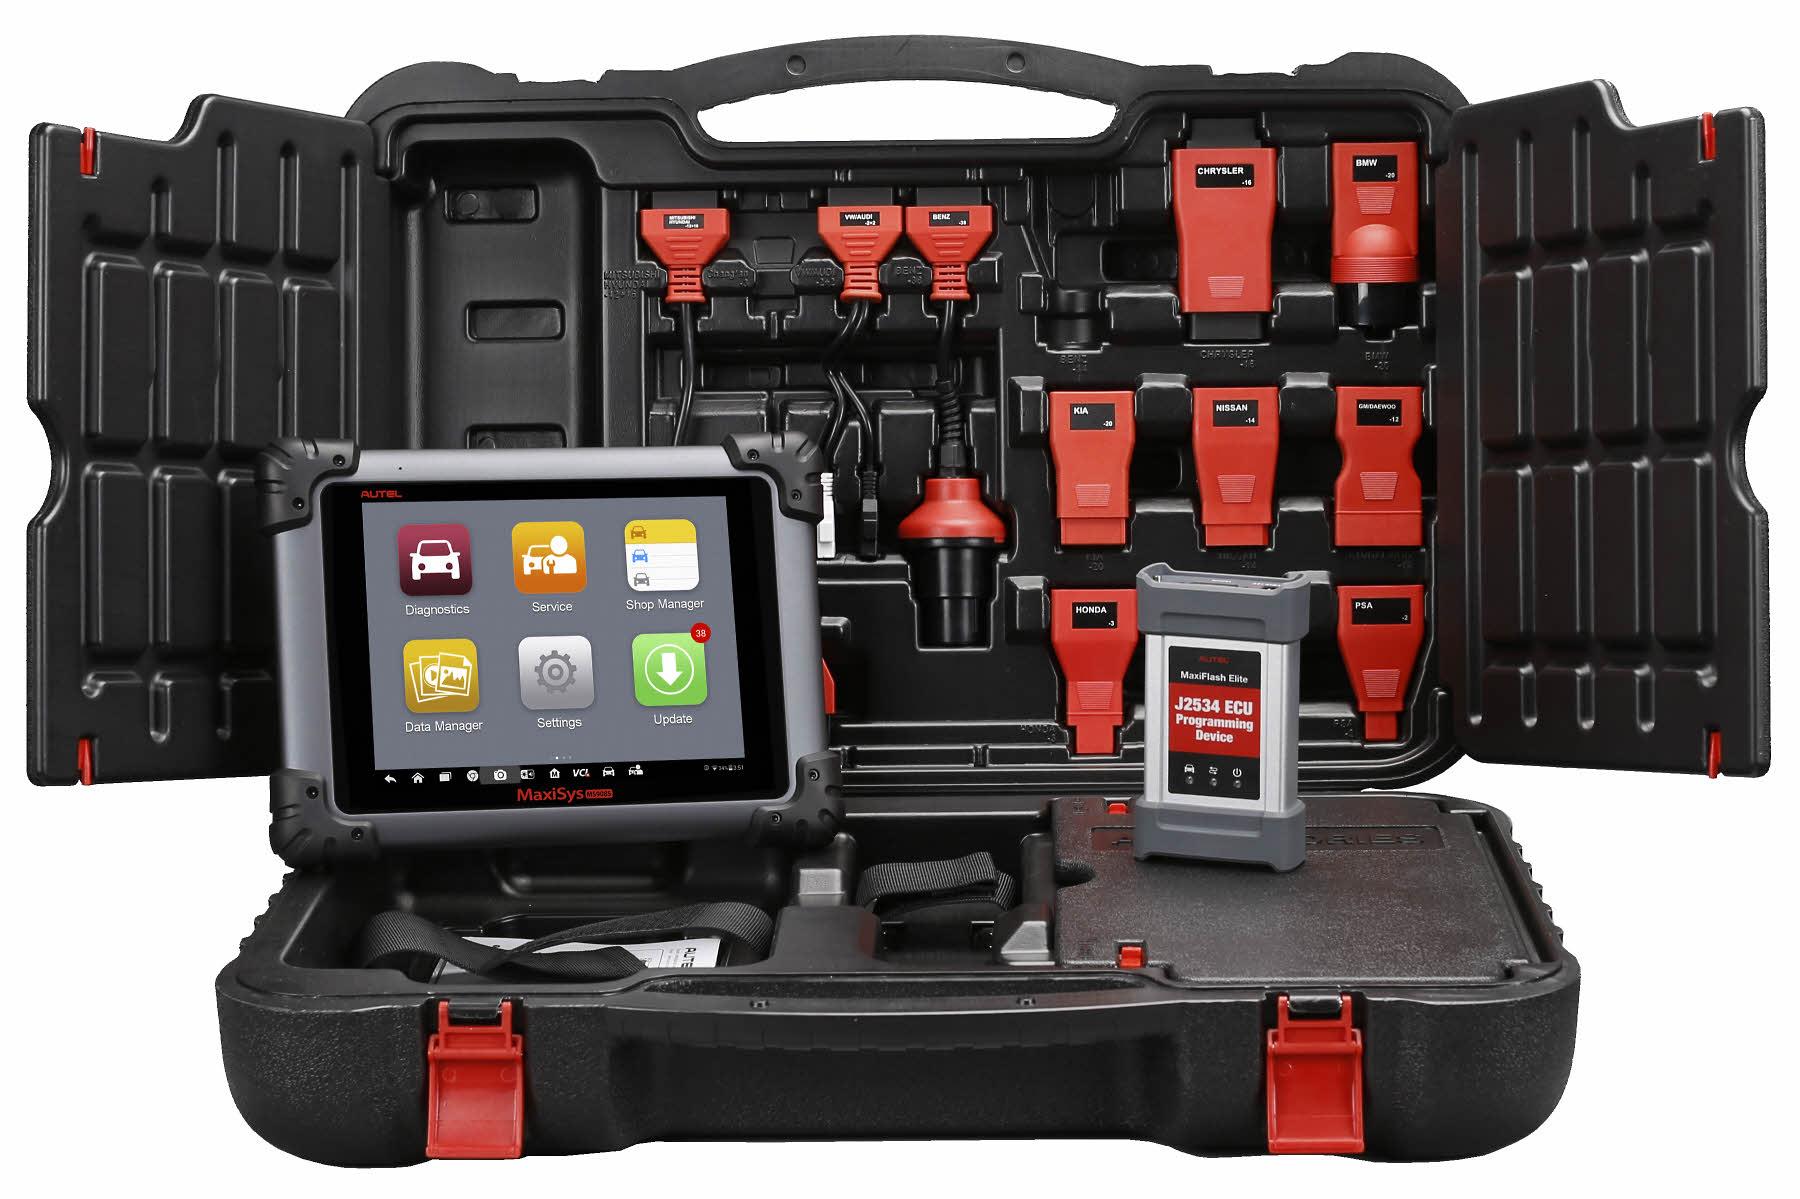 Autel MaxiSys MS908s Pro Diagnostic Platform